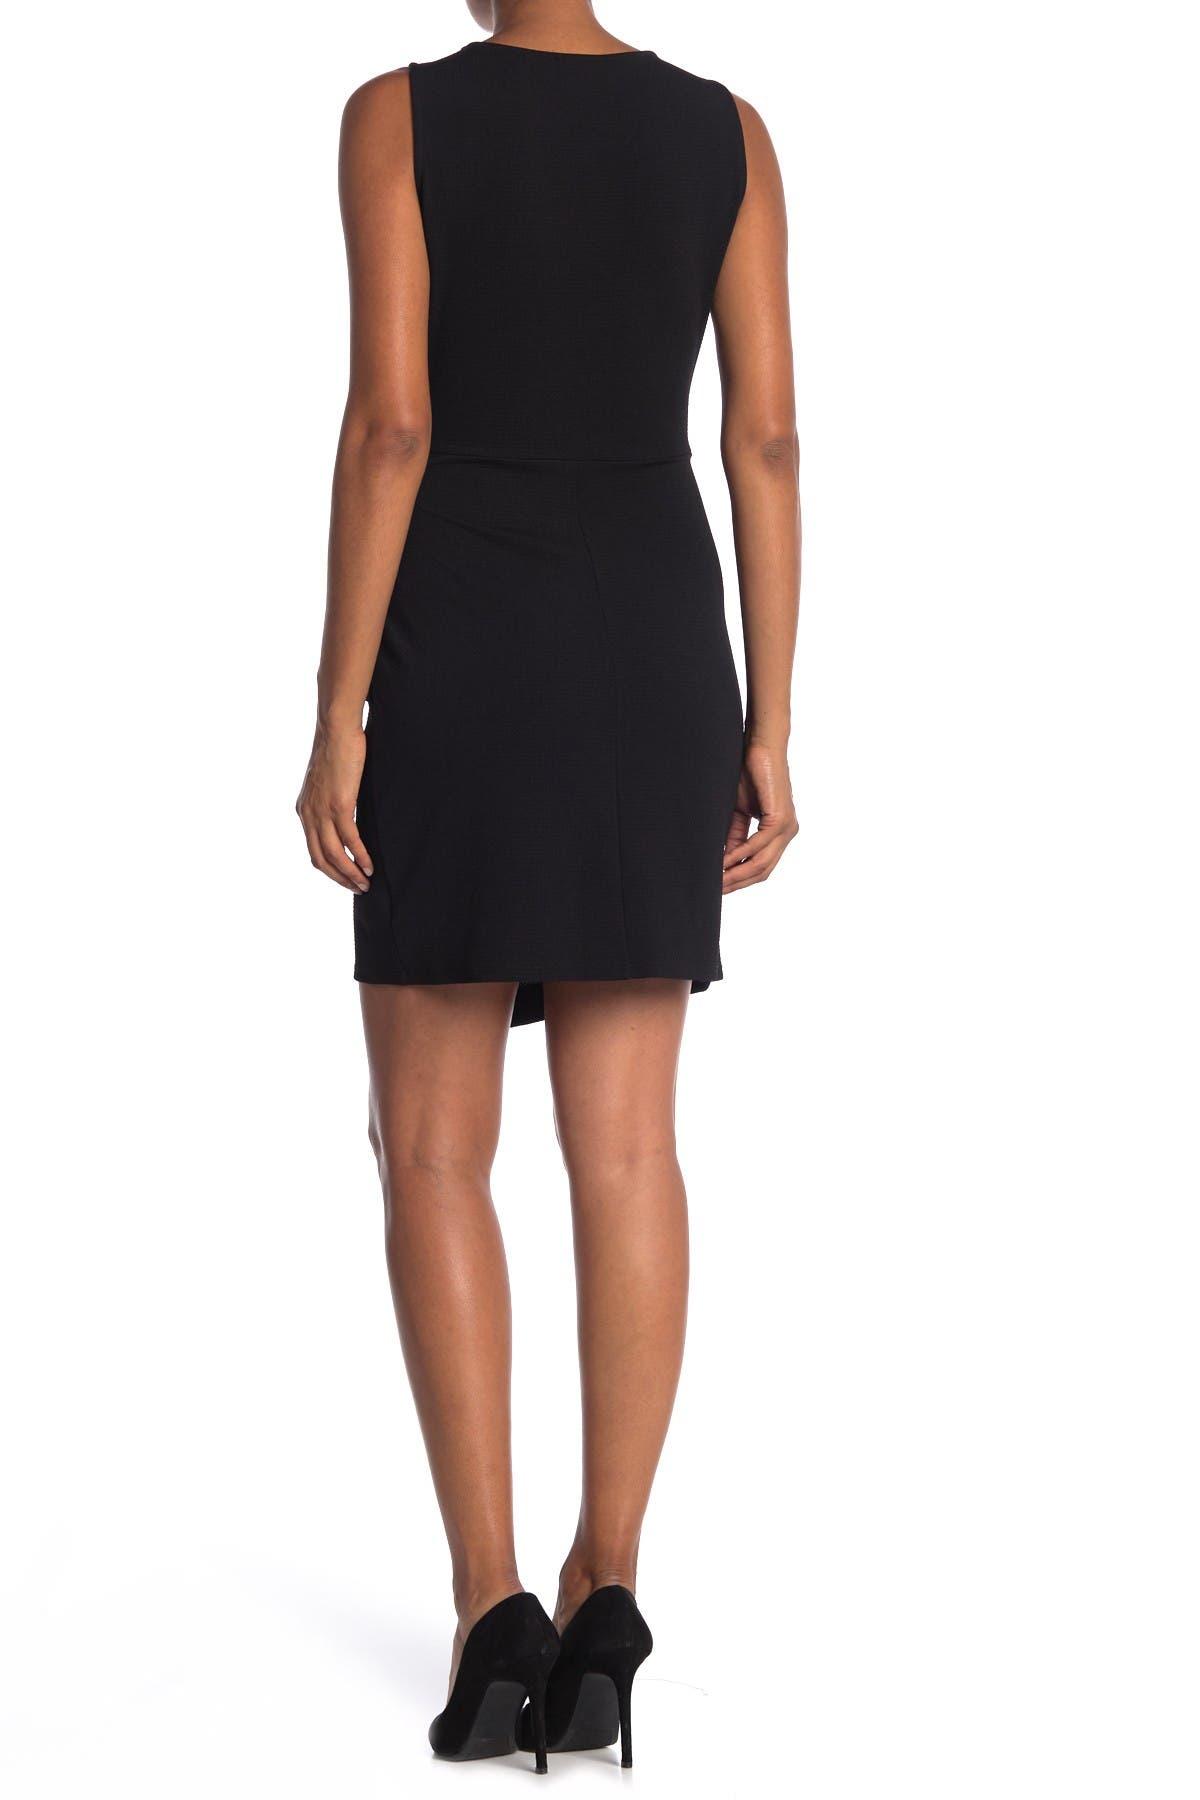 Image of TASH + SOPHIE Sleeveless Wrap Skirt Dress